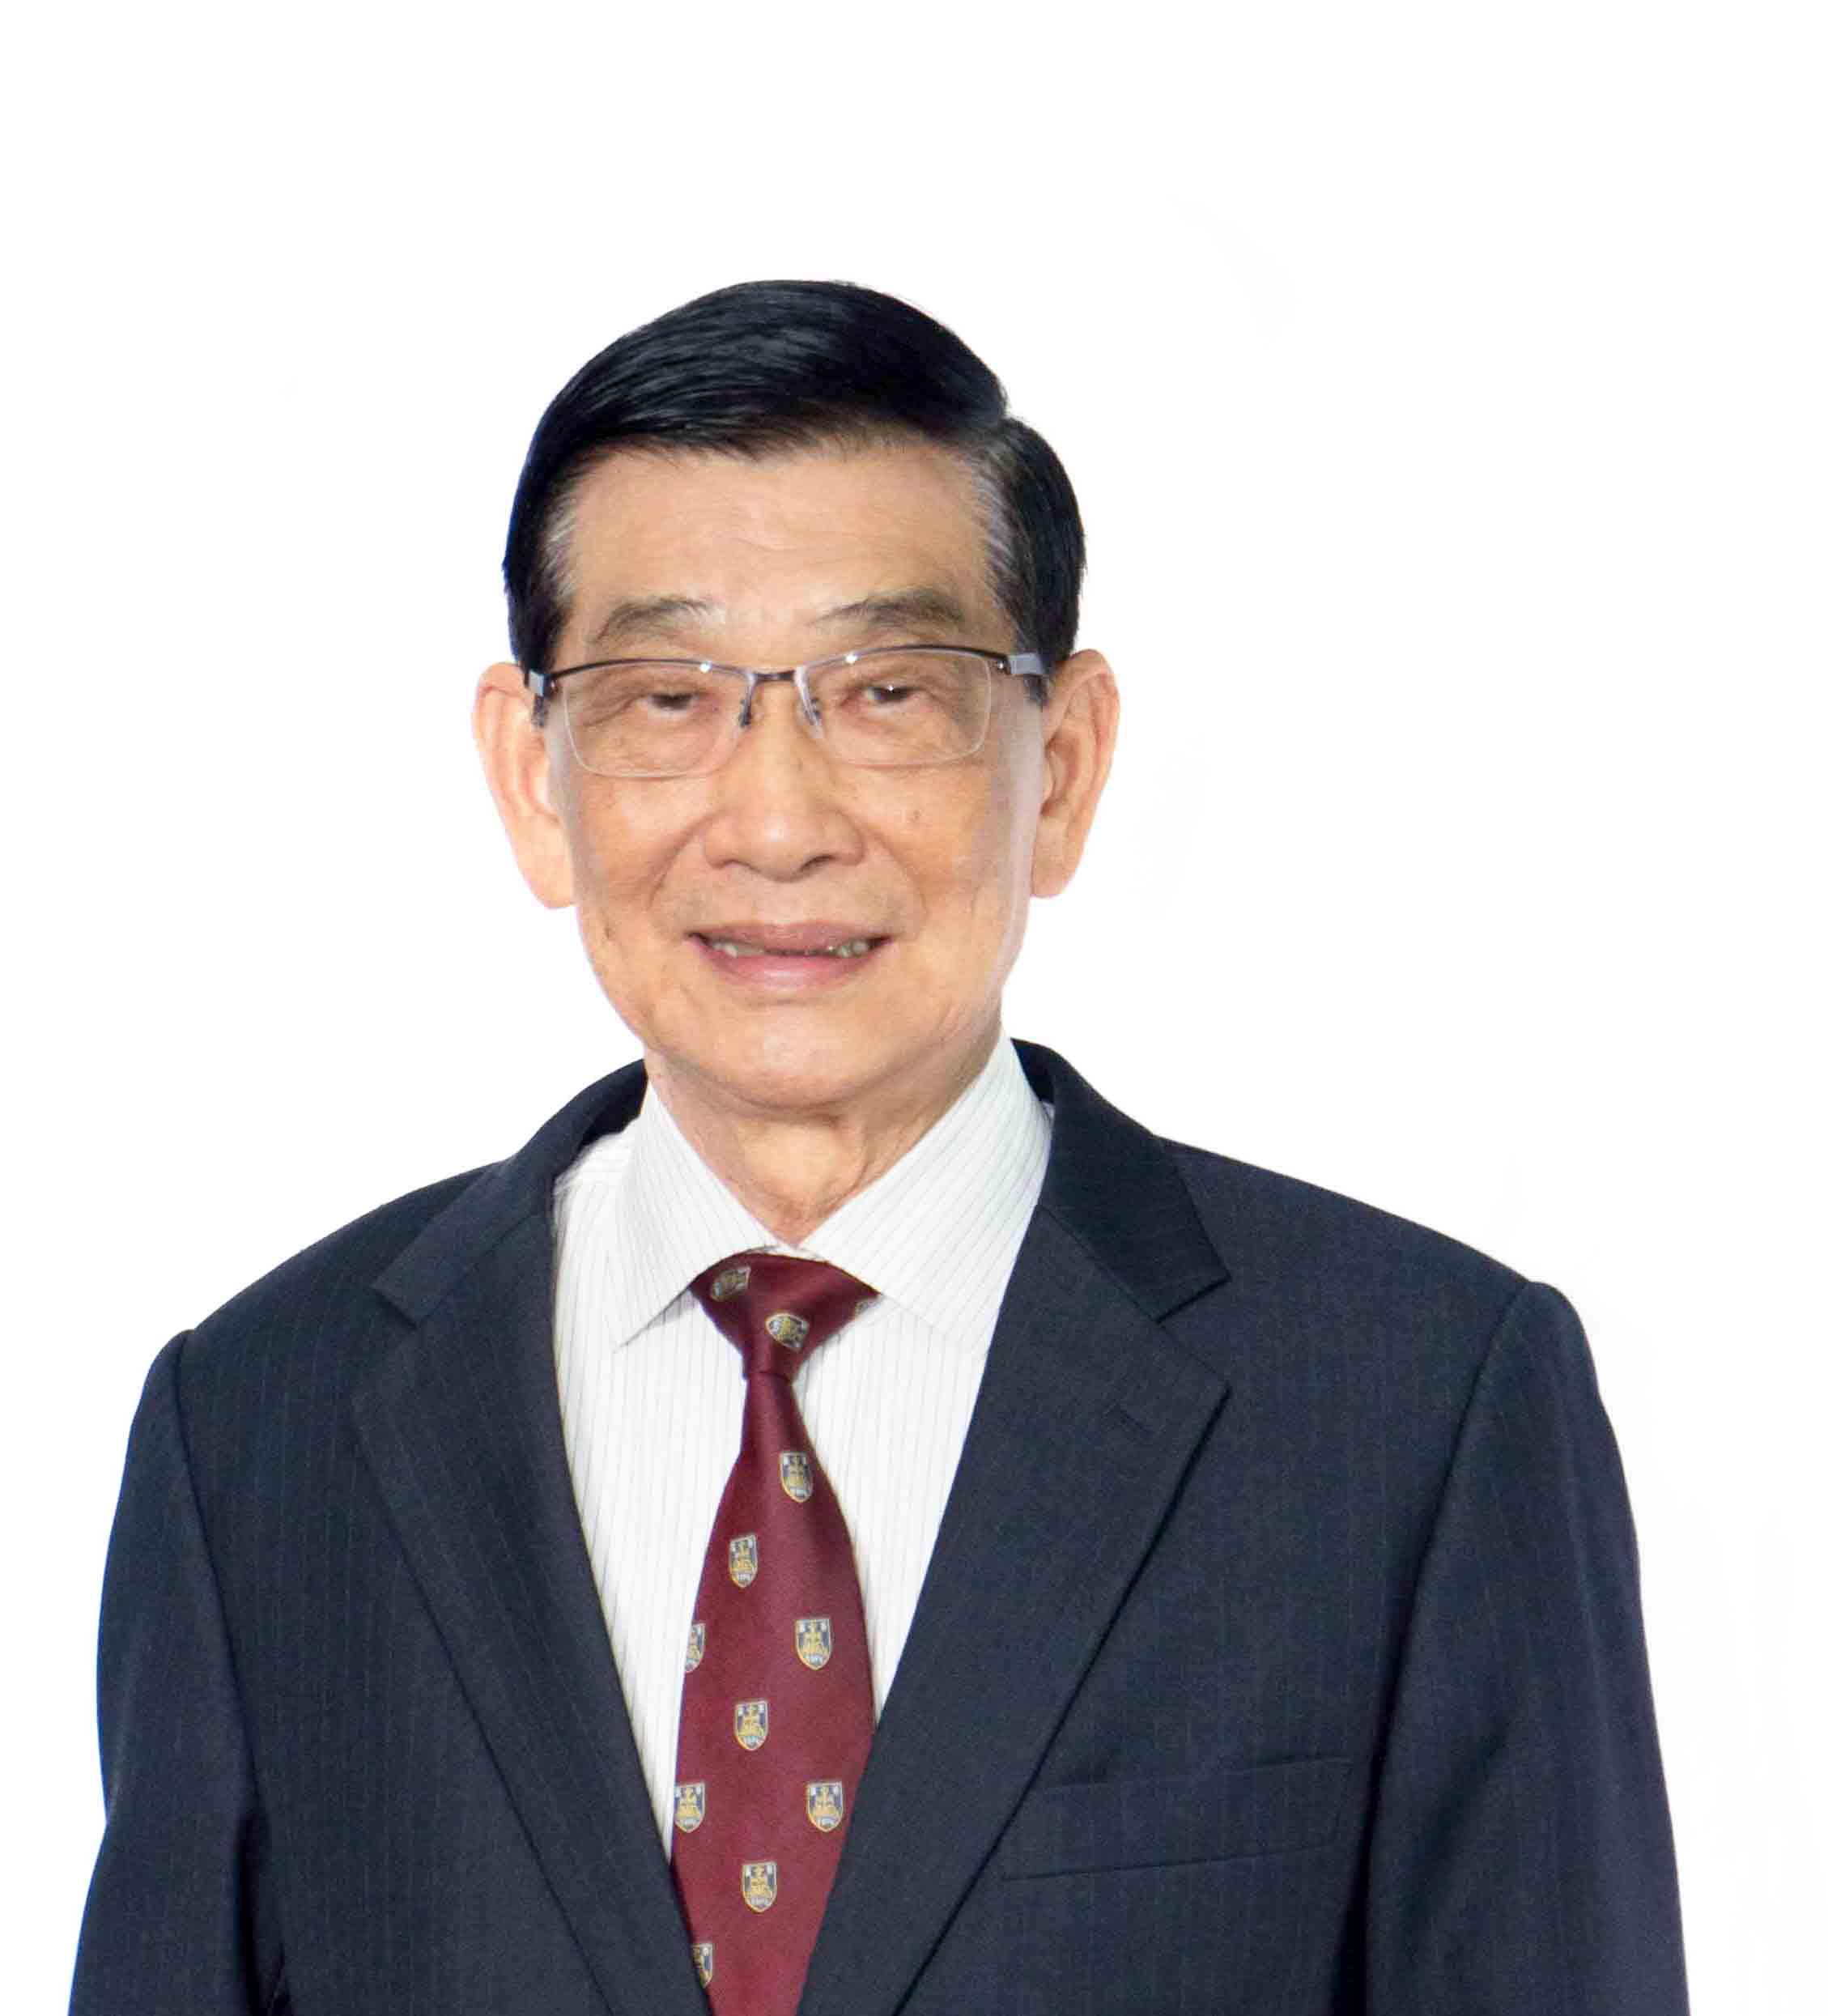 Dr. Thu En Yu